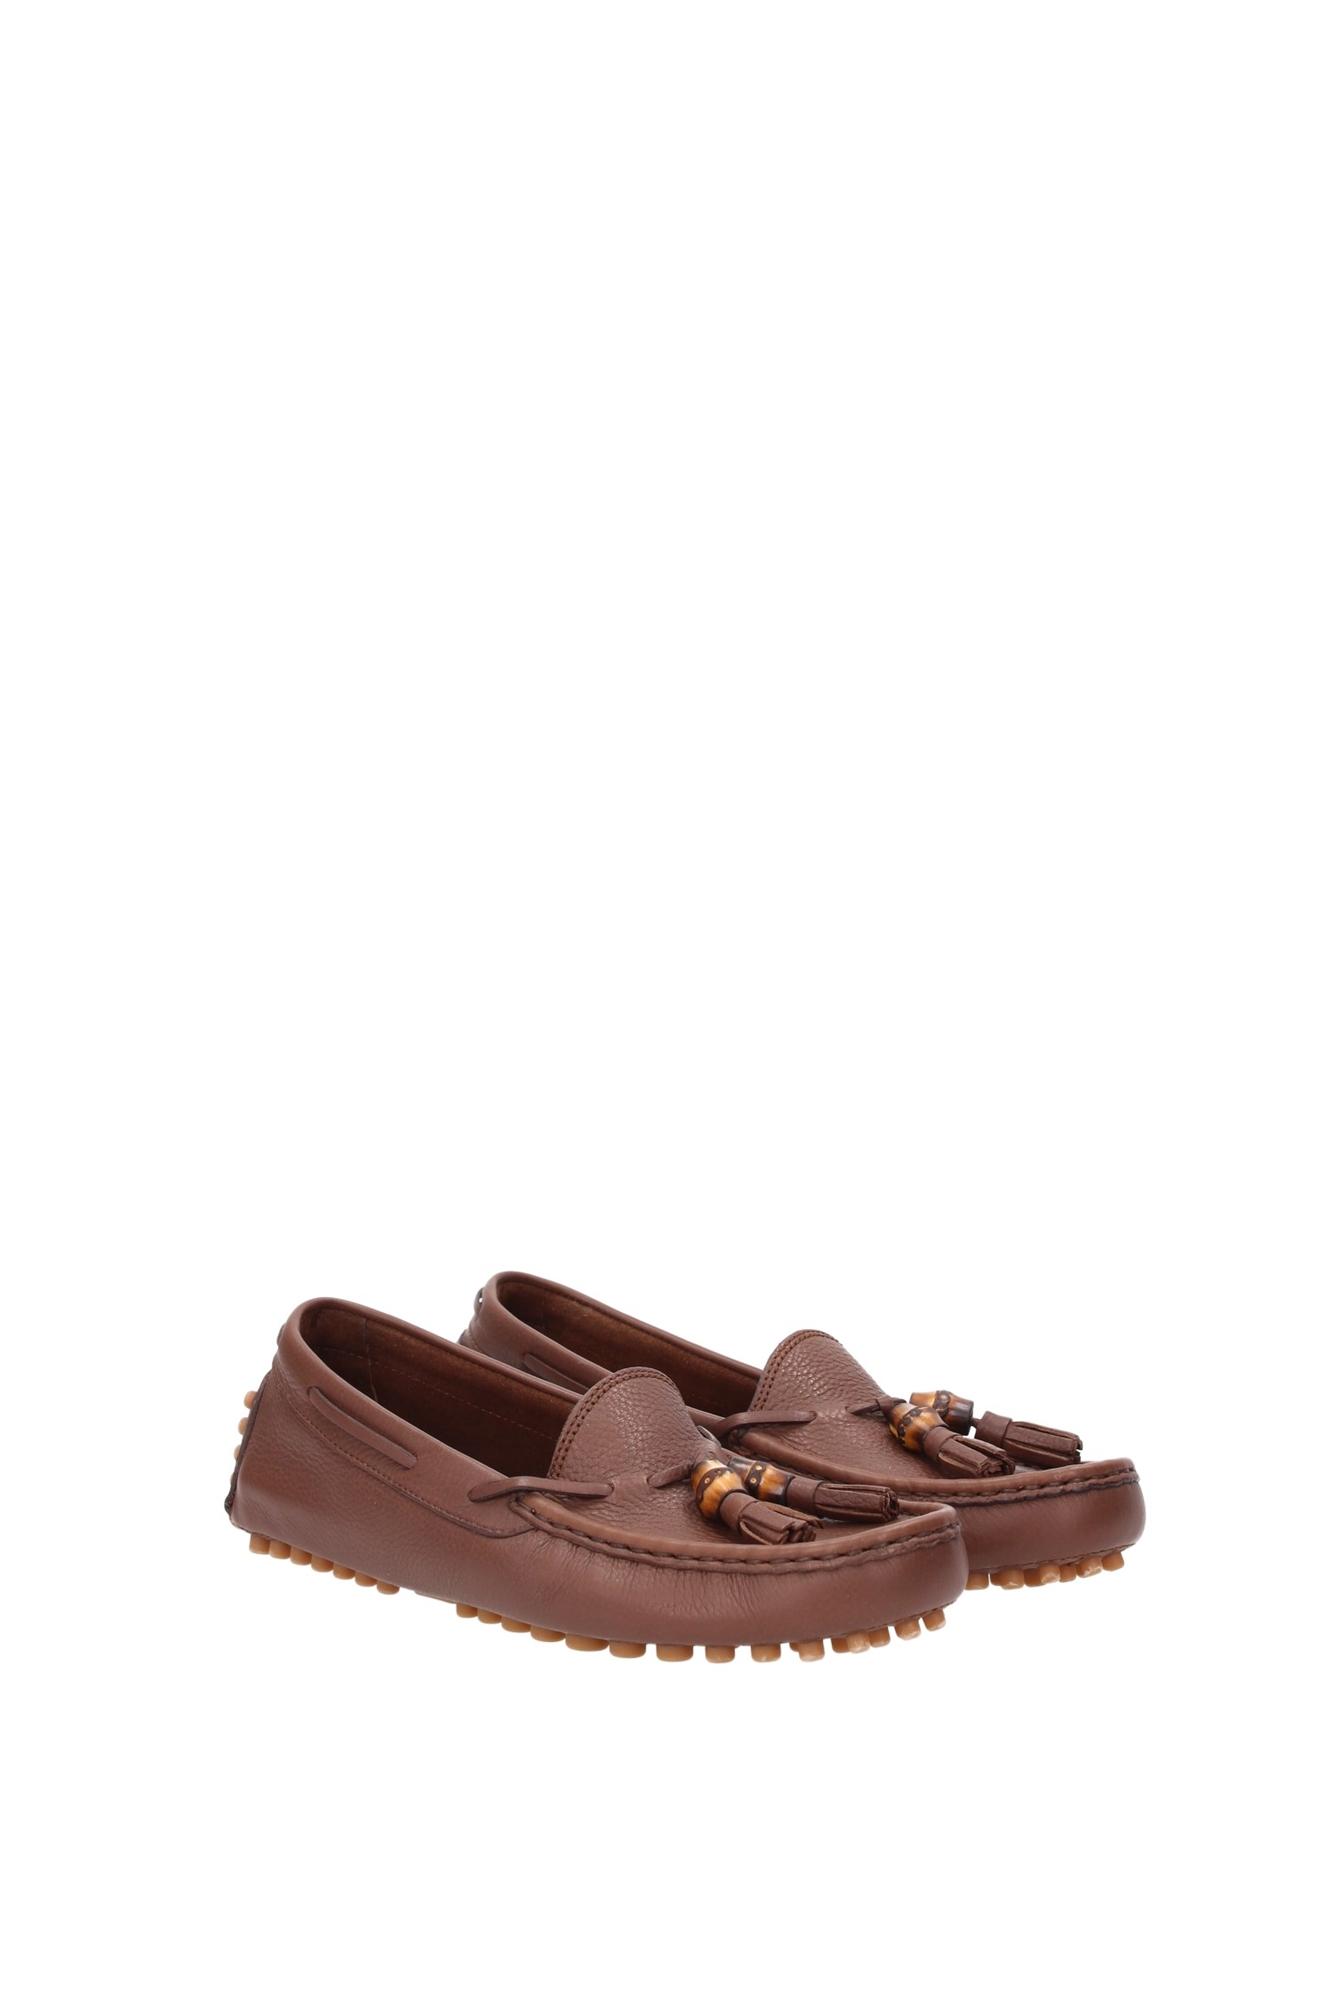 loafers gucci damen leder braun 370695bxo002138 ebay. Black Bedroom Furniture Sets. Home Design Ideas